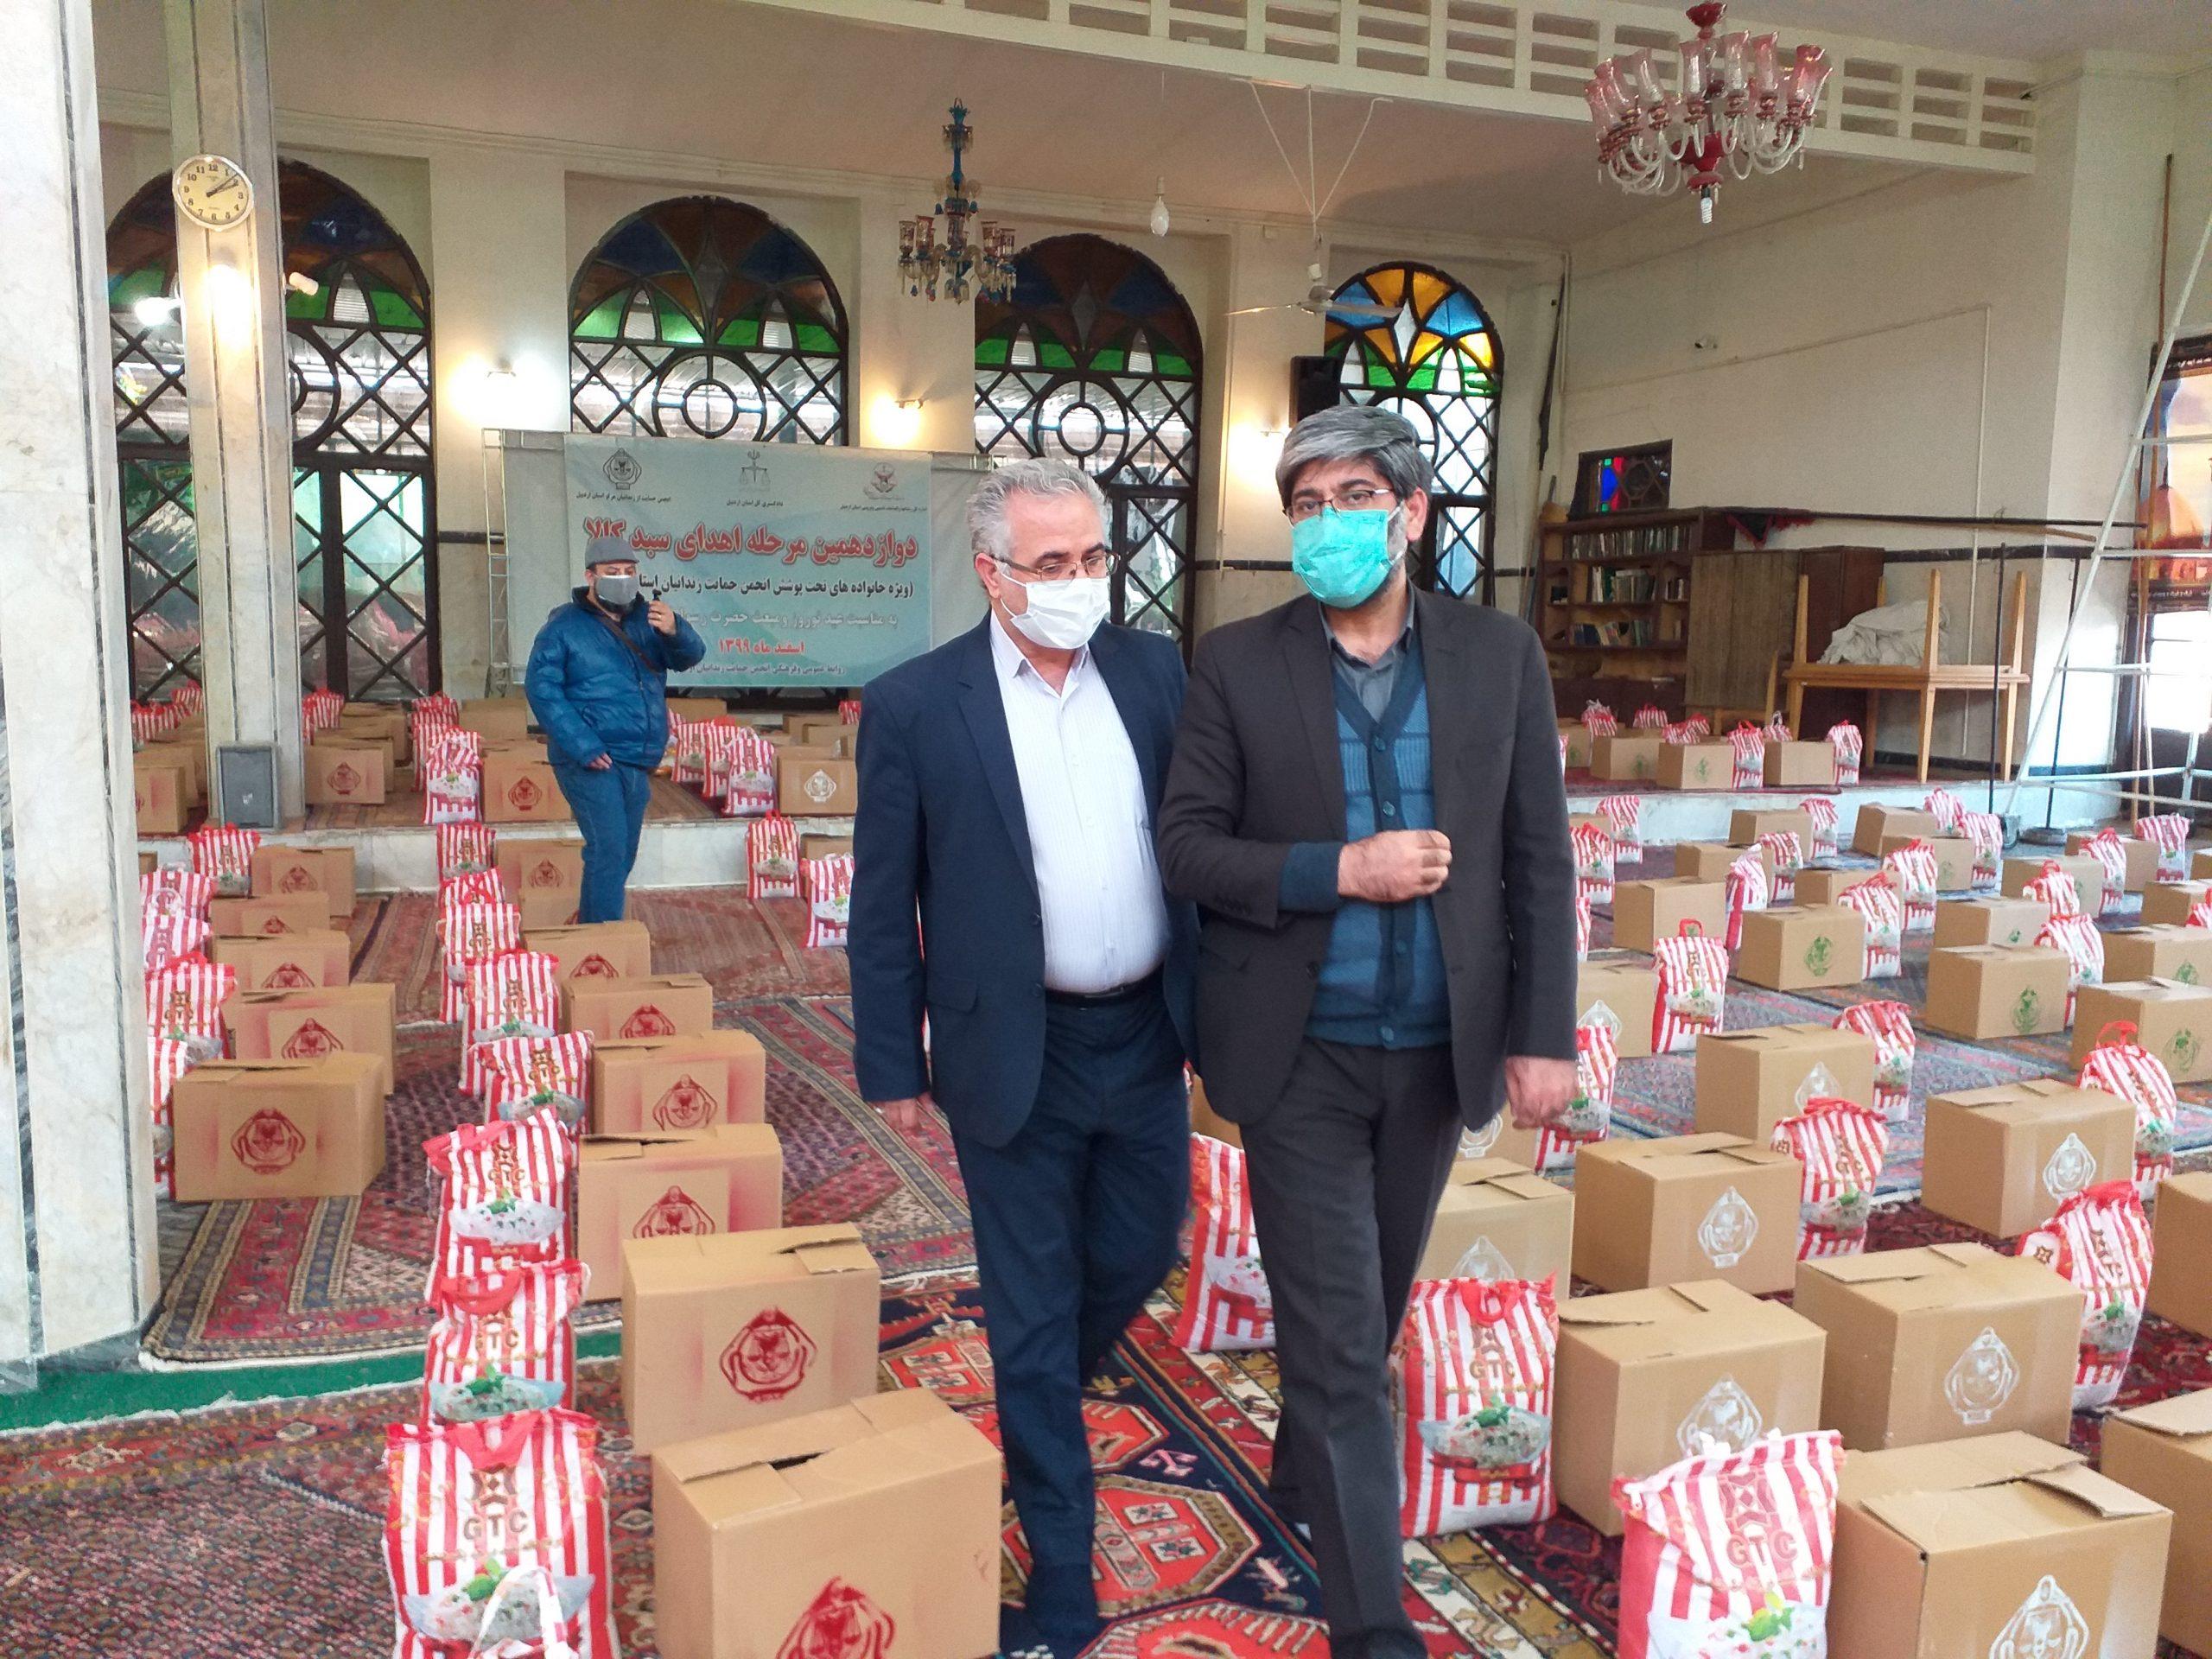 دوازدهمین مرحله اهدای سبد کالا به خانواده های تحت پوشش انجمن حمایت زندانیان اردبیل